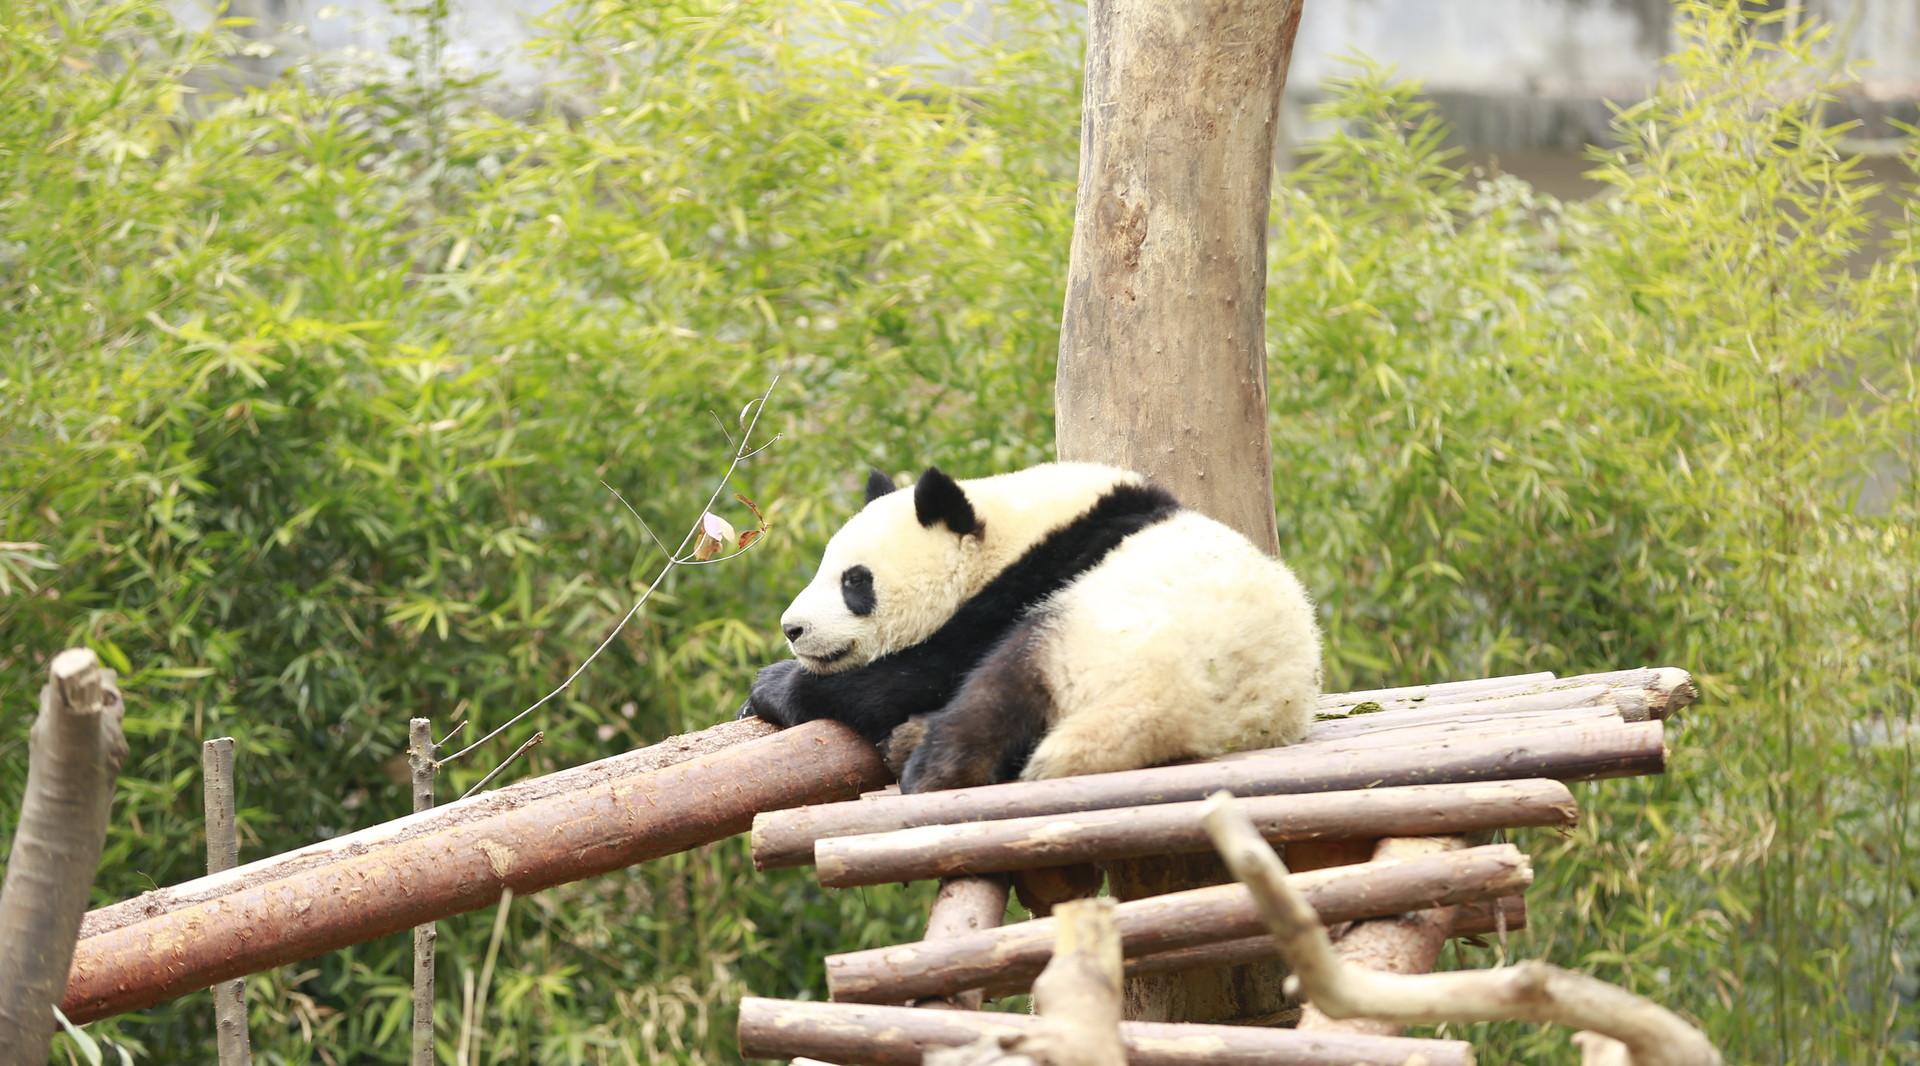 【保姆车九五至尊】<成都-九寨沟-牟尼沟-熊猫乐园-宽窄巷子双飞6日游>